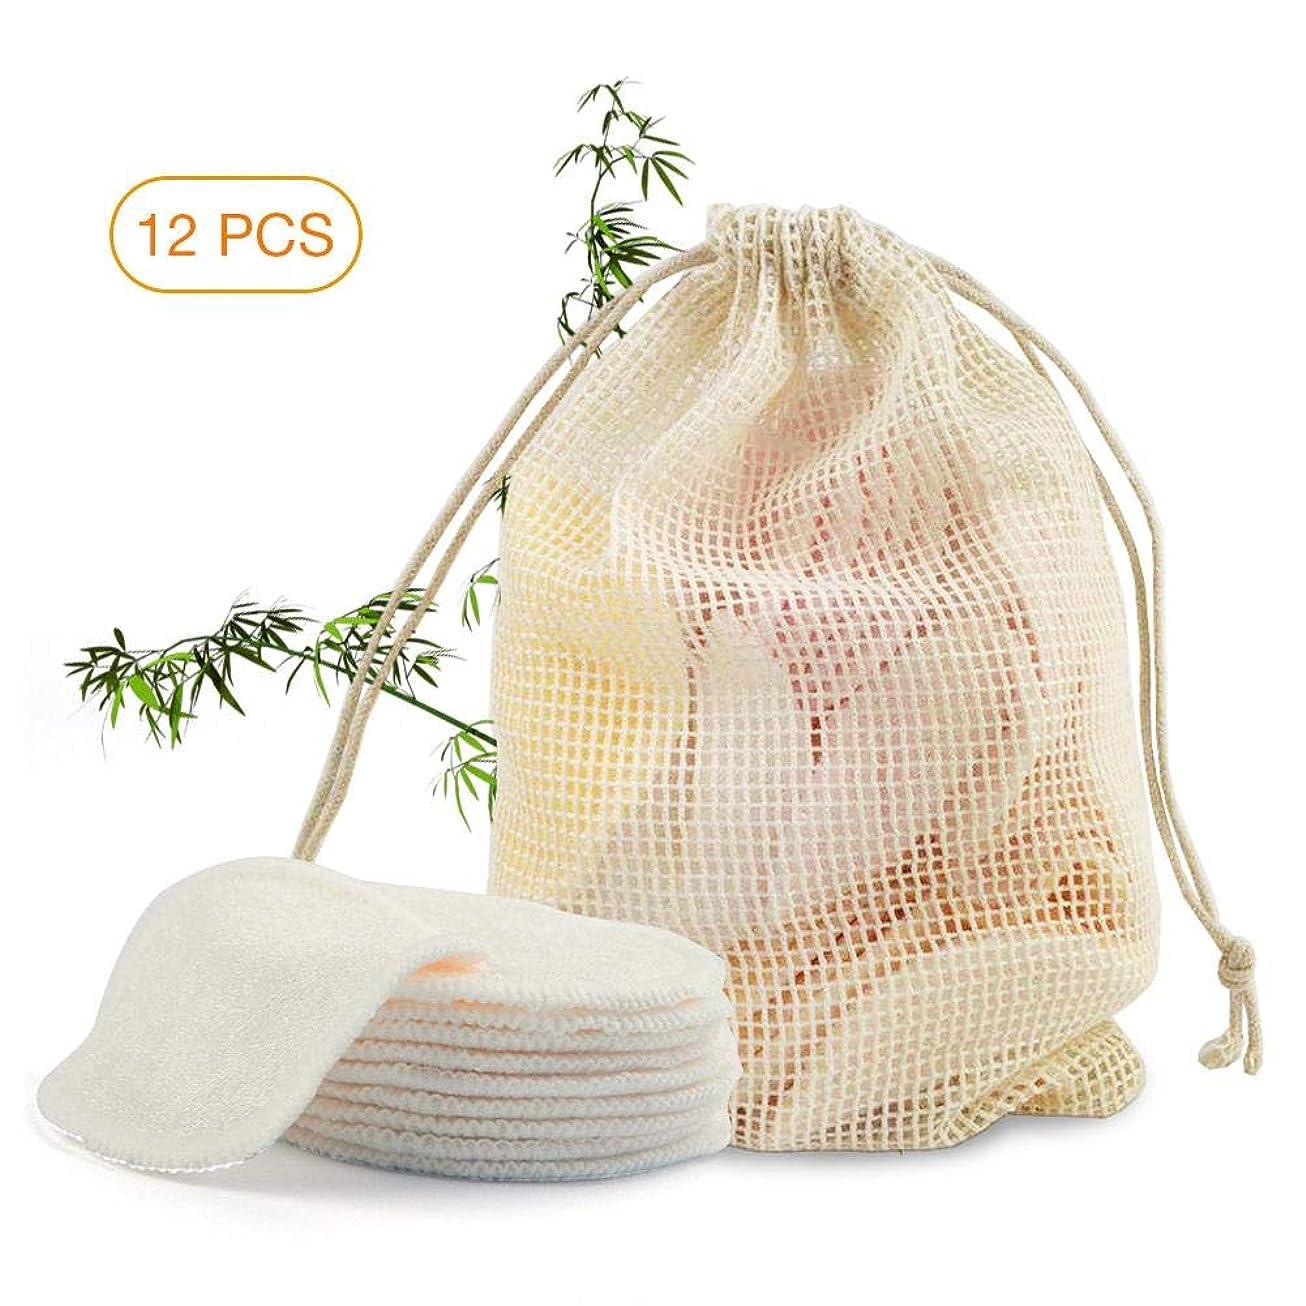 不機嫌そうな群衆大工クレンジングシート 天然繊維素材 柔らかい バッグ付き 安全 非毒性 再利用可能 交換可能 旅行用